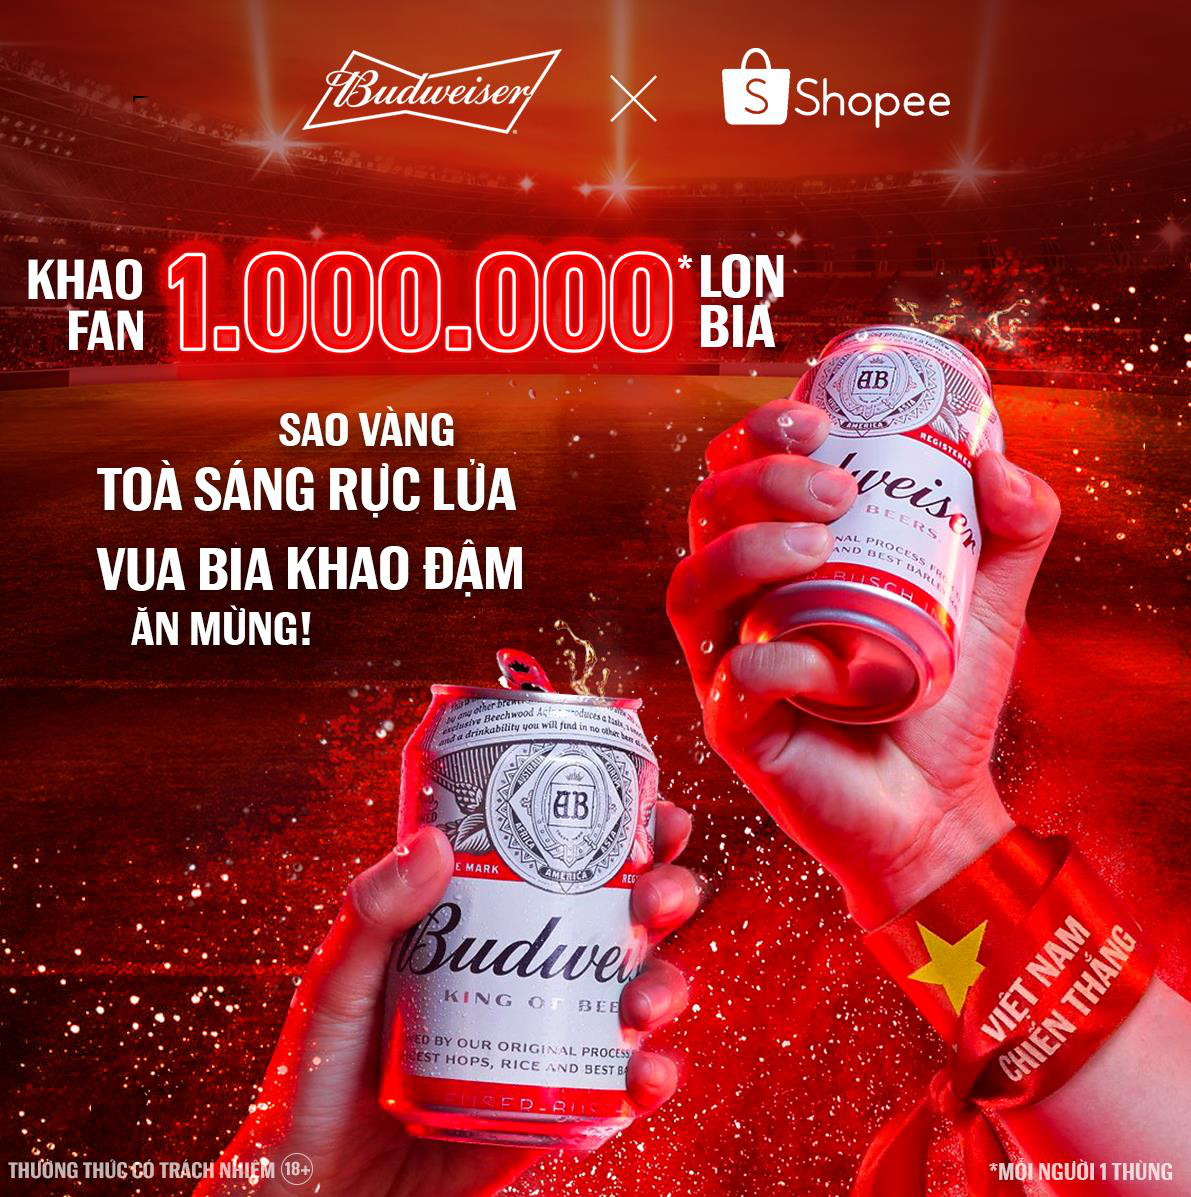 """Budweiser nói là làm: Tặng 1.000.000 lon bia """"khao"""" cổ động viên mừng kỳ tích Việt Nam lần đầu lọt vòng loại cuối World Cup 2022 - Ảnh 2."""